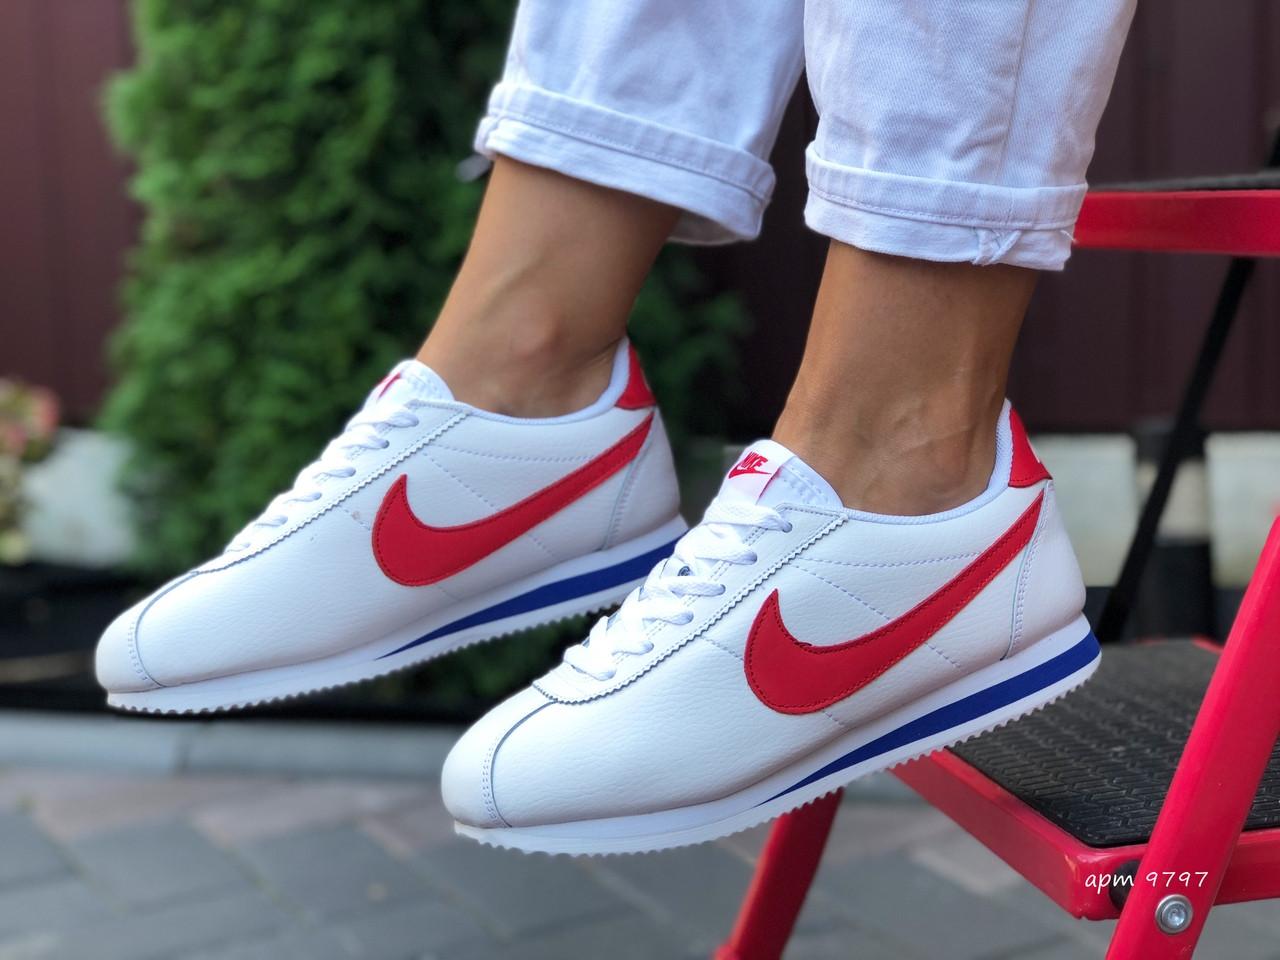 Женские кроссовки Nike Cortez (бело-красные с синим) 9797